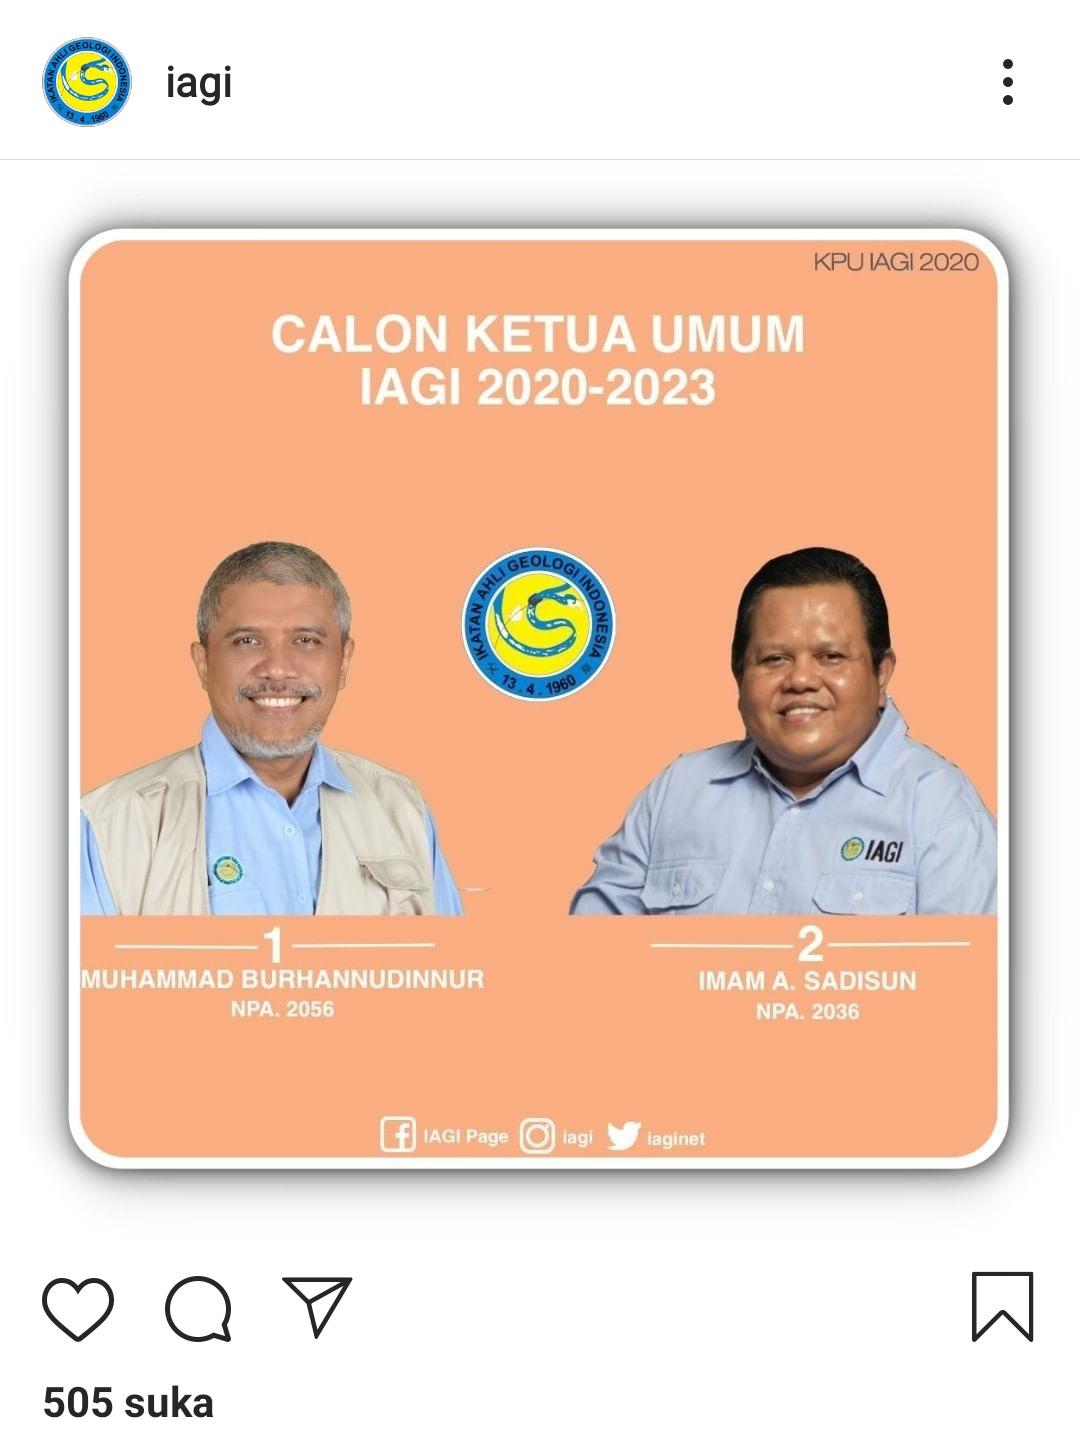 Calon ketua umum IAGI 2020-2023